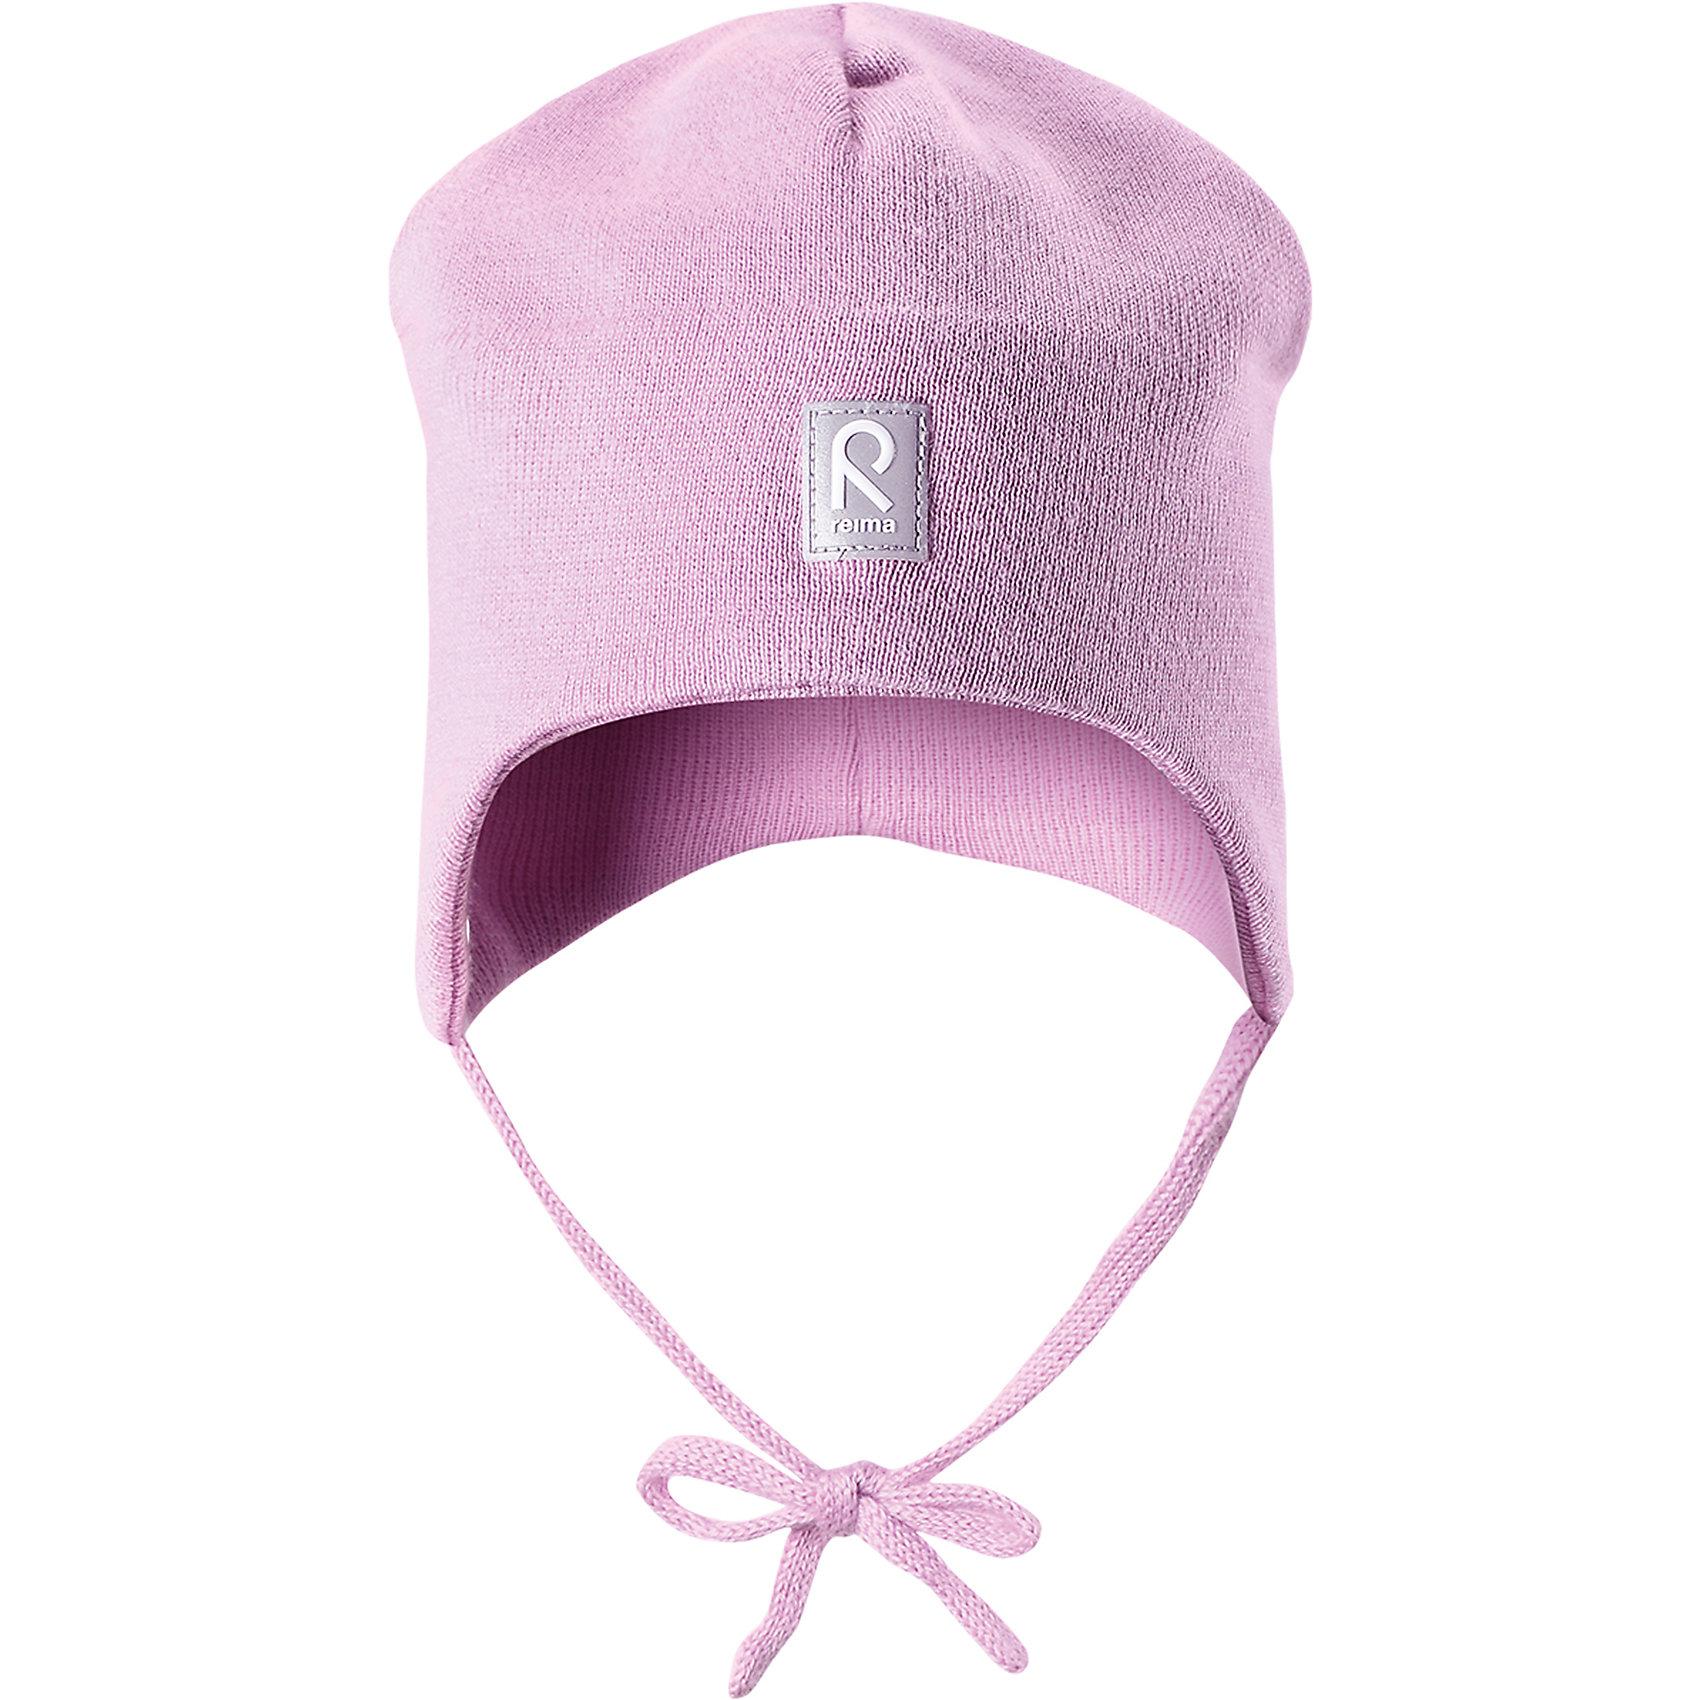 Шапка Aqueous для девочки  ReimaШапки и шарфы<br>Характеристики товара:<br><br>• цвет: светло-розовый<br>• состав: 100% хлопок<br>• полуподкладка: хлопковый трикотаж<br>• температурный режим: от 0С до +10С<br>• эластичный хлопковый трикотаж<br>• инделие сертифицированно по стандарту Oeko-Tex на продукция класса 1 - одежда для новорождённых<br>• ветронепроницаемые вставки в области ушей<br>• завязки во всех размерах<br>• эмблема Reima спереди<br>• светоотражающие детали<br>• страна бренда: Финляндия<br>• страна производства: Китай<br><br>Детский головной убор может быть модным и удобным одновременно! Стильная шапка поможет обеспечить ребенку комфорт и дополнить наряд. Шапка удобно сидит и аккуратно выглядит. Проста в уходе, долго служит. Стильный дизайн разрабатывался специально для детей. Отличная защита от дождя и ветра!<br><br>Уход:<br><br>• стирать по отдельности, вывернув наизнанку<br>• придать первоначальную форму вo влажном виде<br>• возможна усадка 5 %.<br><br>Шапку от финского бренда Reima (Рейма) можно купить в нашем интернет-магазине.<br><br>Ширина мм: 89<br>Глубина мм: 117<br>Высота мм: 44<br>Вес г: 155<br>Цвет: розовый<br>Возраст от месяцев: 9<br>Возраст до месяцев: 18<br>Пол: Женский<br>Возраст: Детский<br>Размер: 48,52,46,50<br>SKU: 5271100